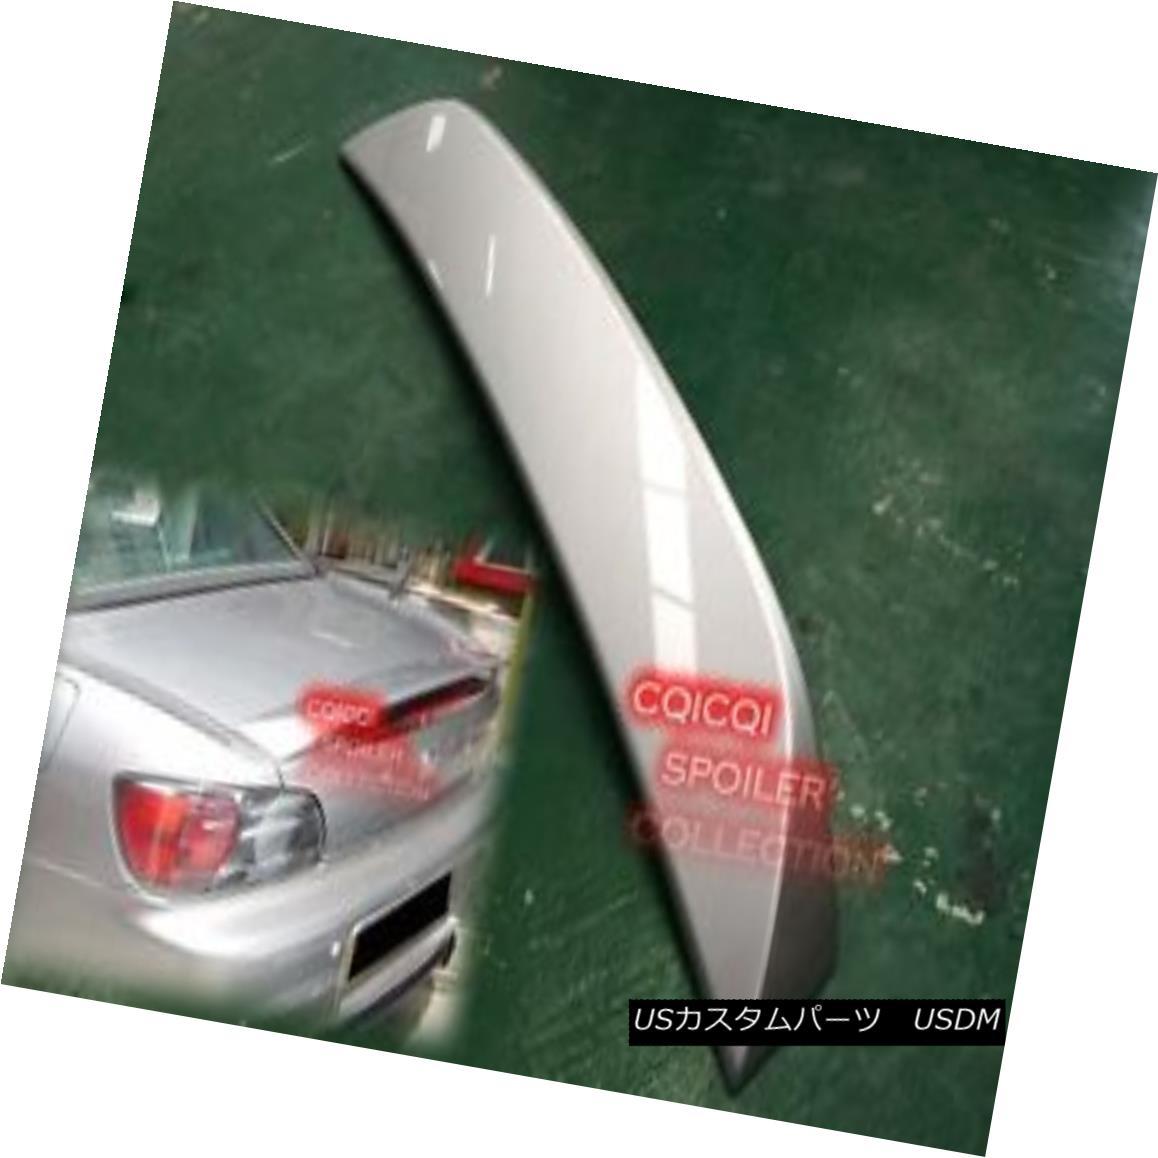 エアロパーツ Painted Honda 00-09 S2000 OEM type rear trunk spoiler color:NH676M Moon Rock ◎ 塗装ホンダ00-09 S2000 OEMタイプの後部トランク・スポイラーの色:NH676Mムーン・ロック?